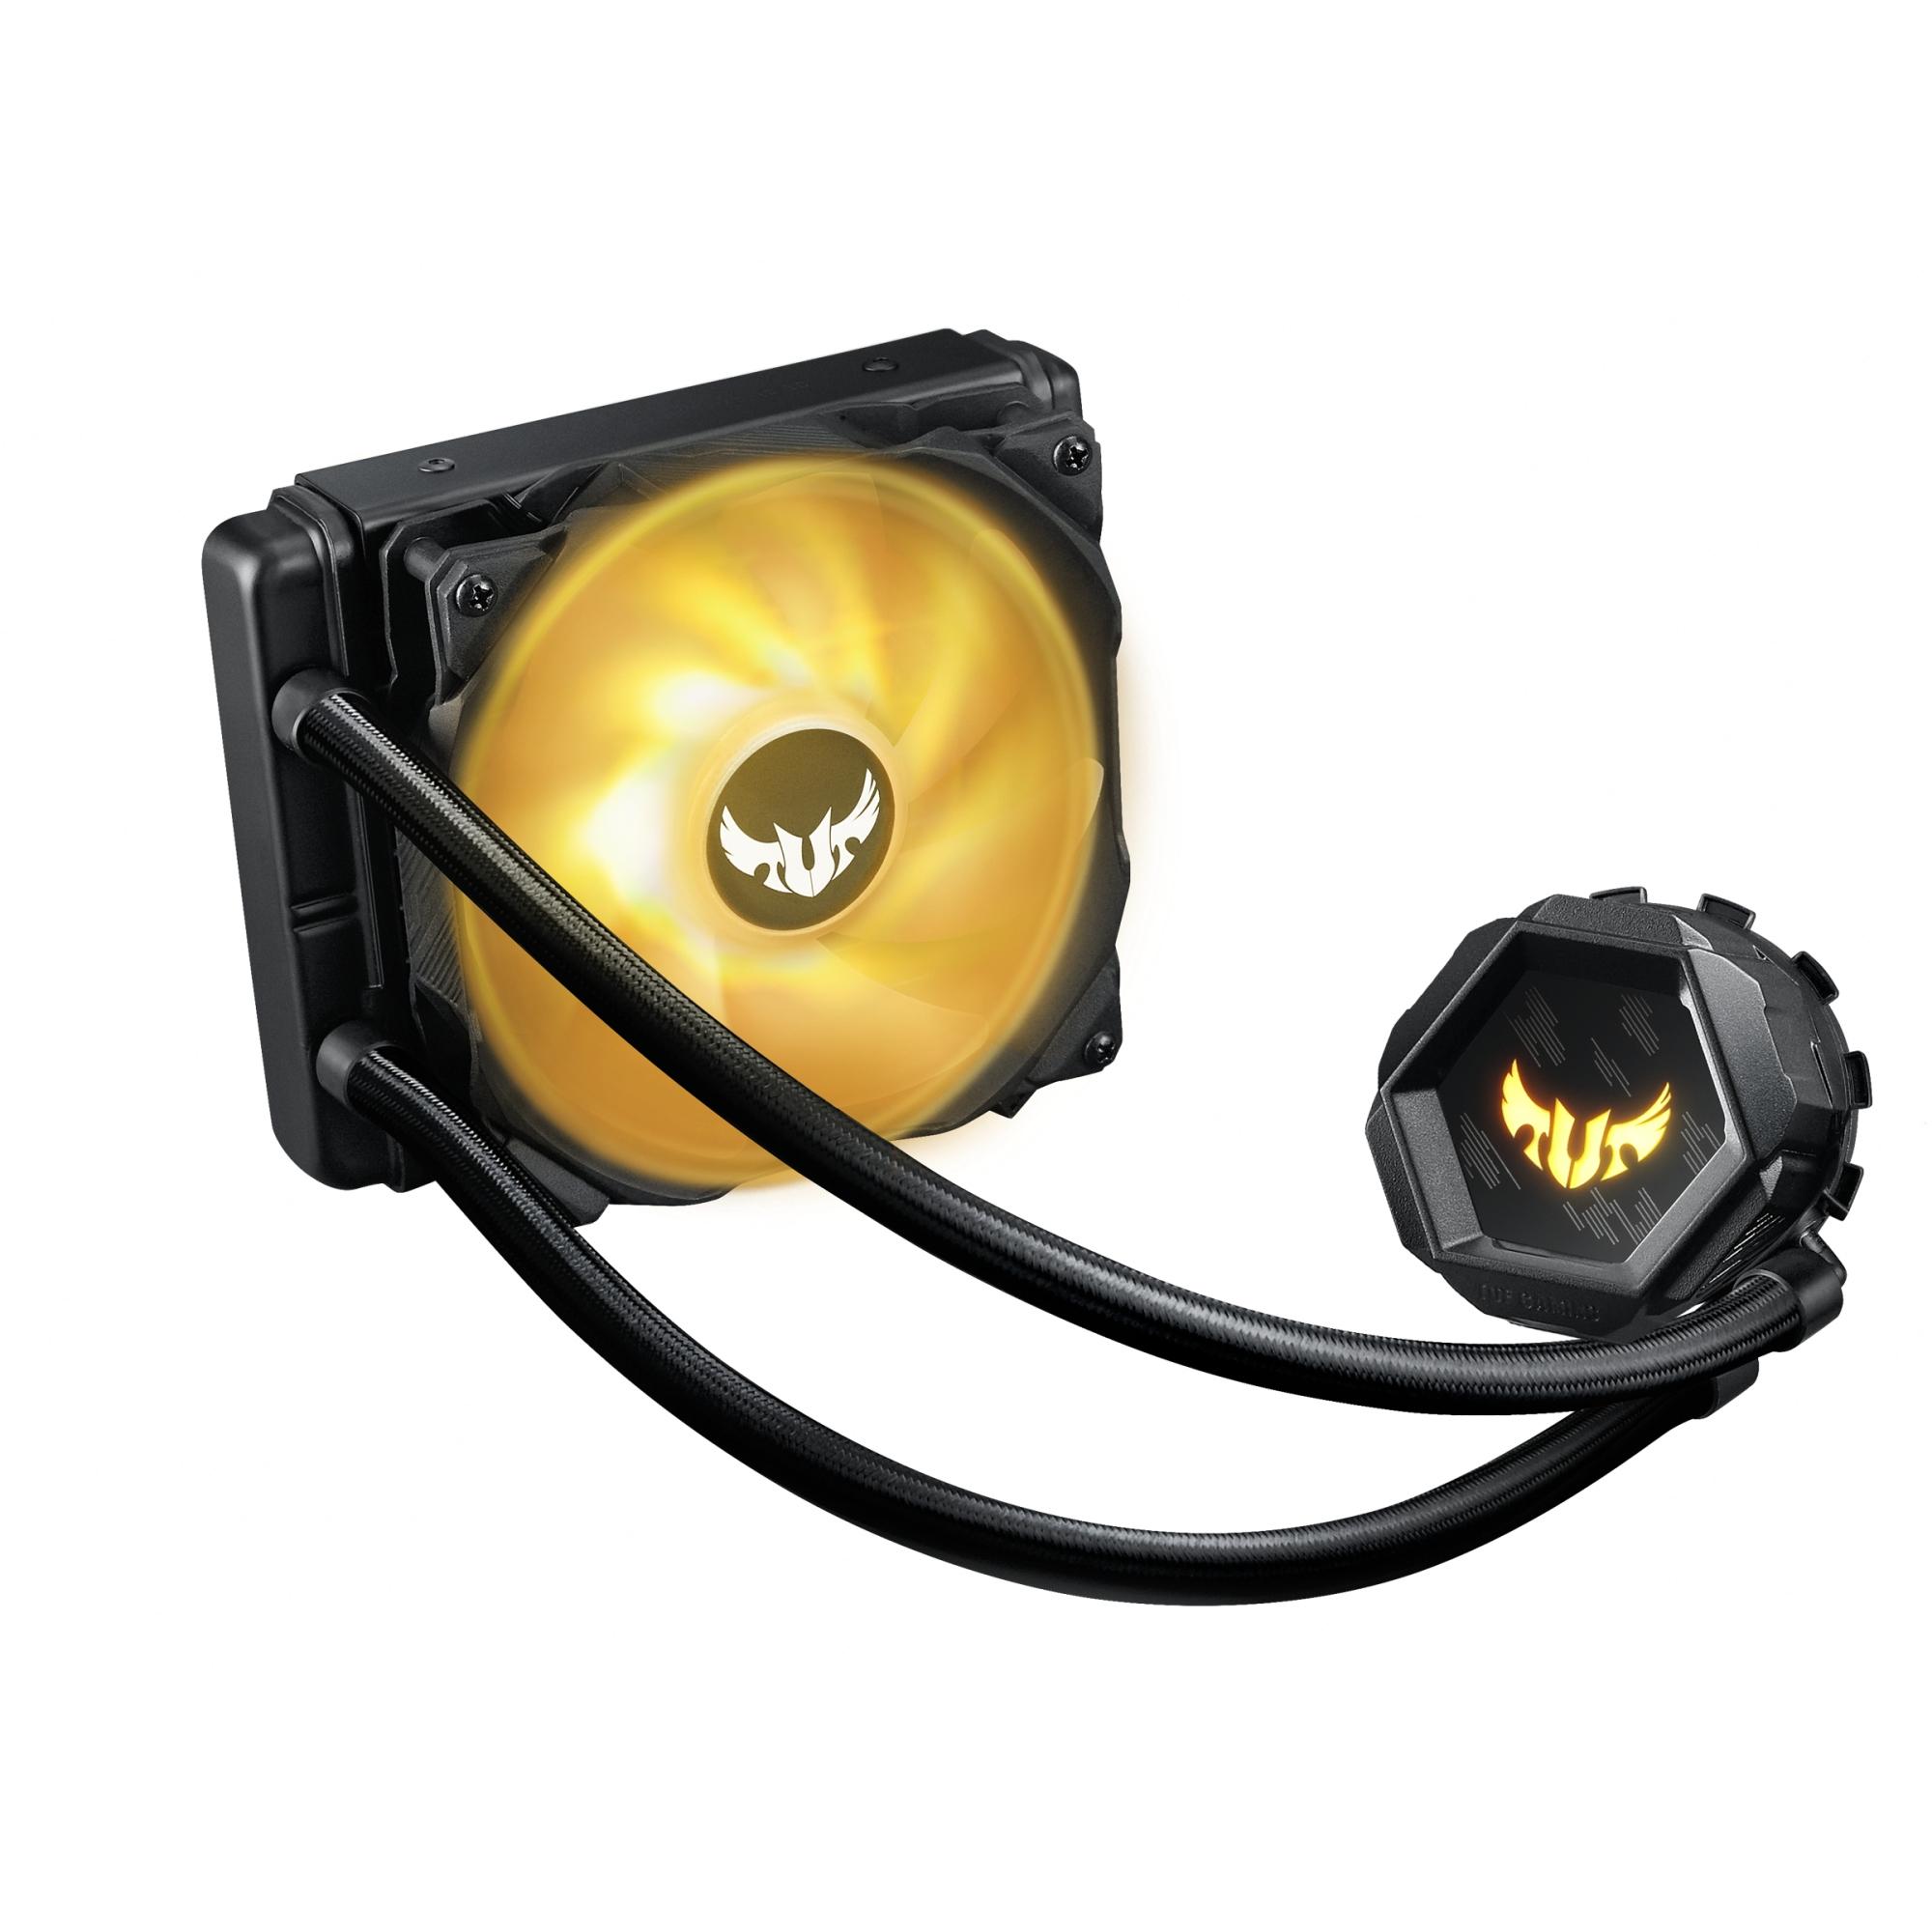 TUF GAMING LC 120 RGB REFRIGERACIóN AGUA Y FREóN